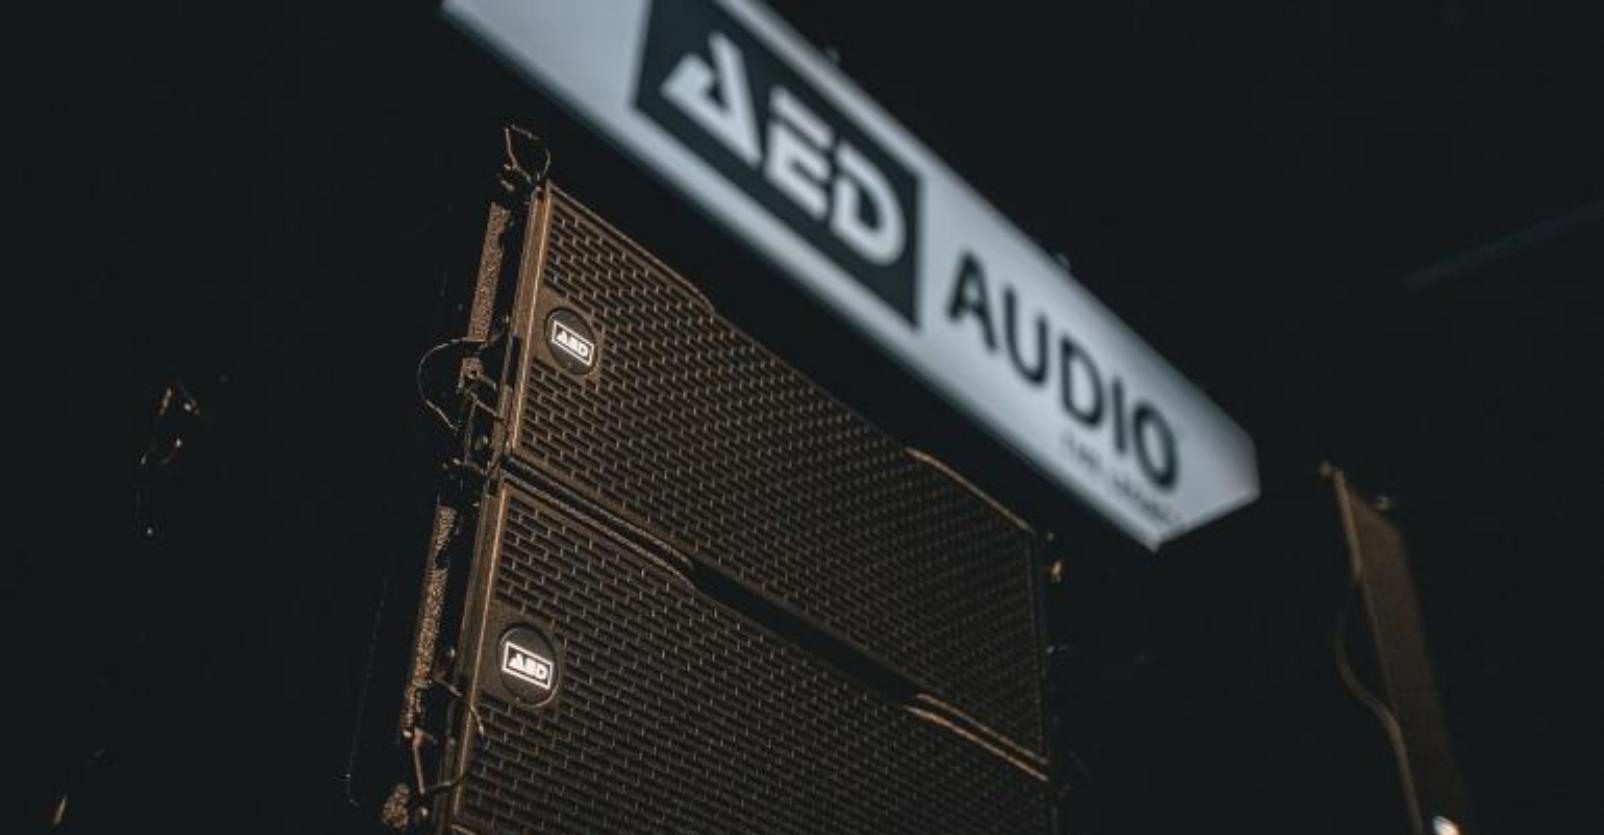 AED Audio